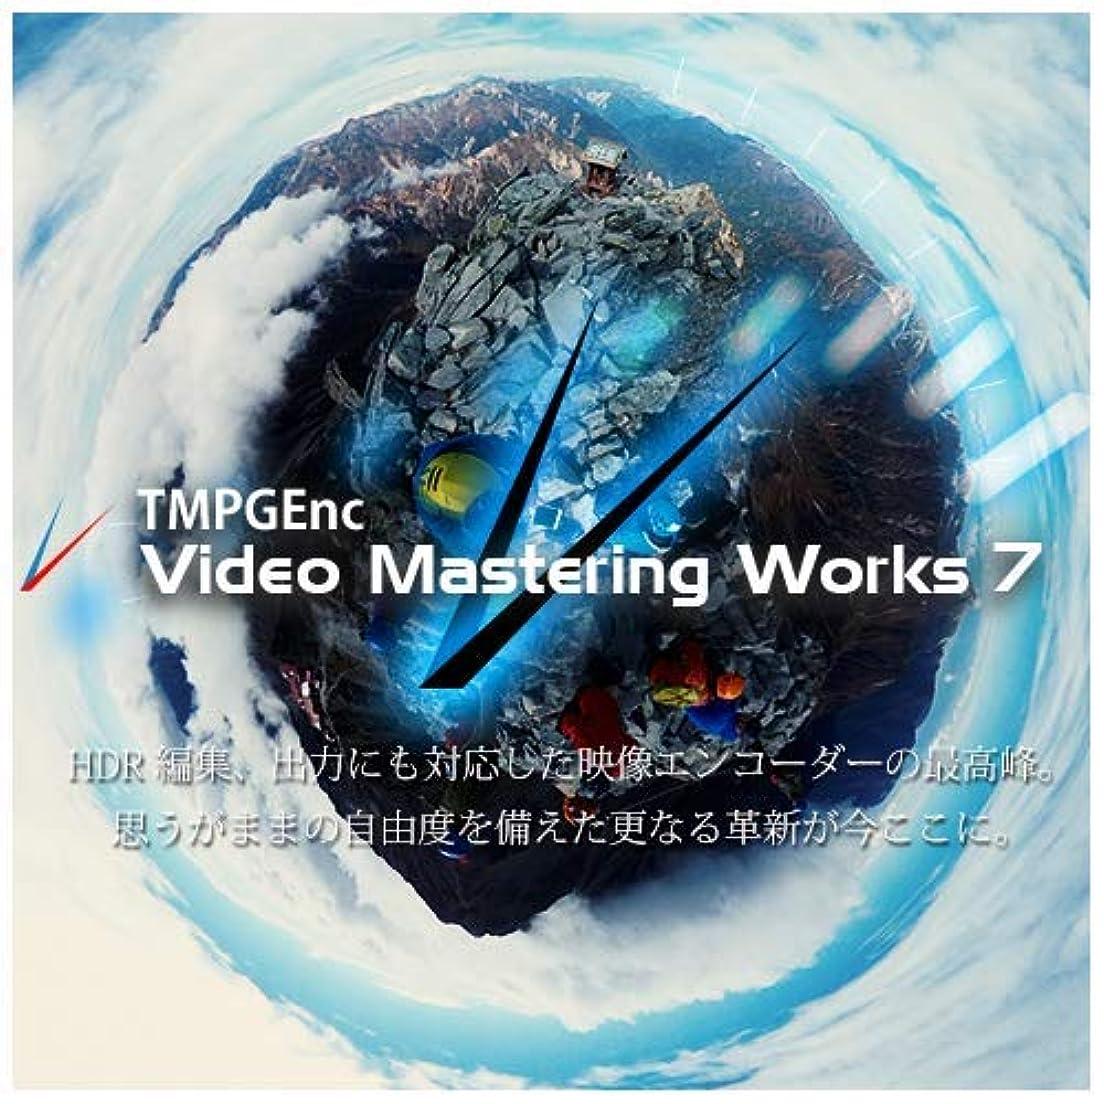 ピラミッドフォーマット繰り返しTMPGEnc Video Mastering Works 7 ダウンロード版